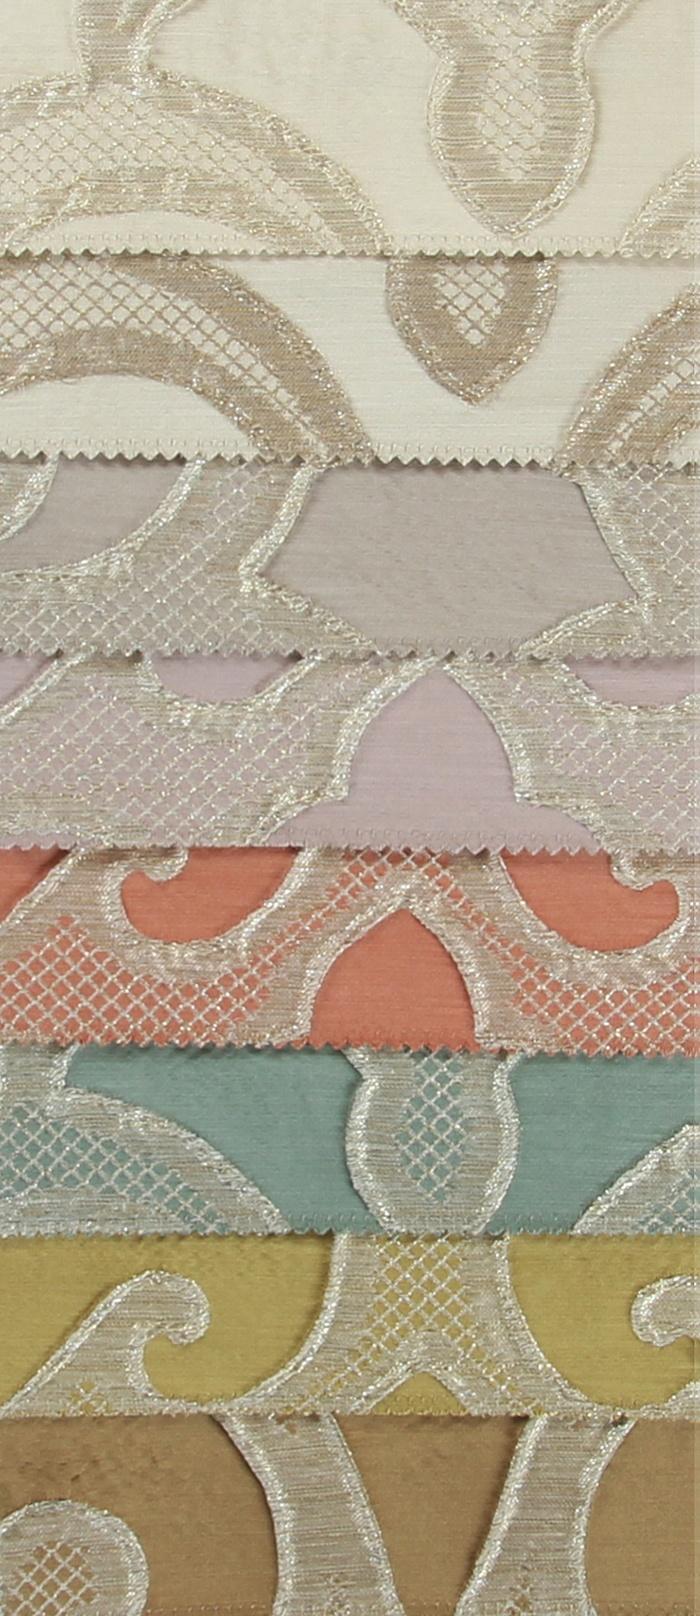 Persan Perde, Perde modelleri ve döşemelik kumaş - Perdelik kumaş kataloğu, 2012 koleksiyonu ve perde fiyatları